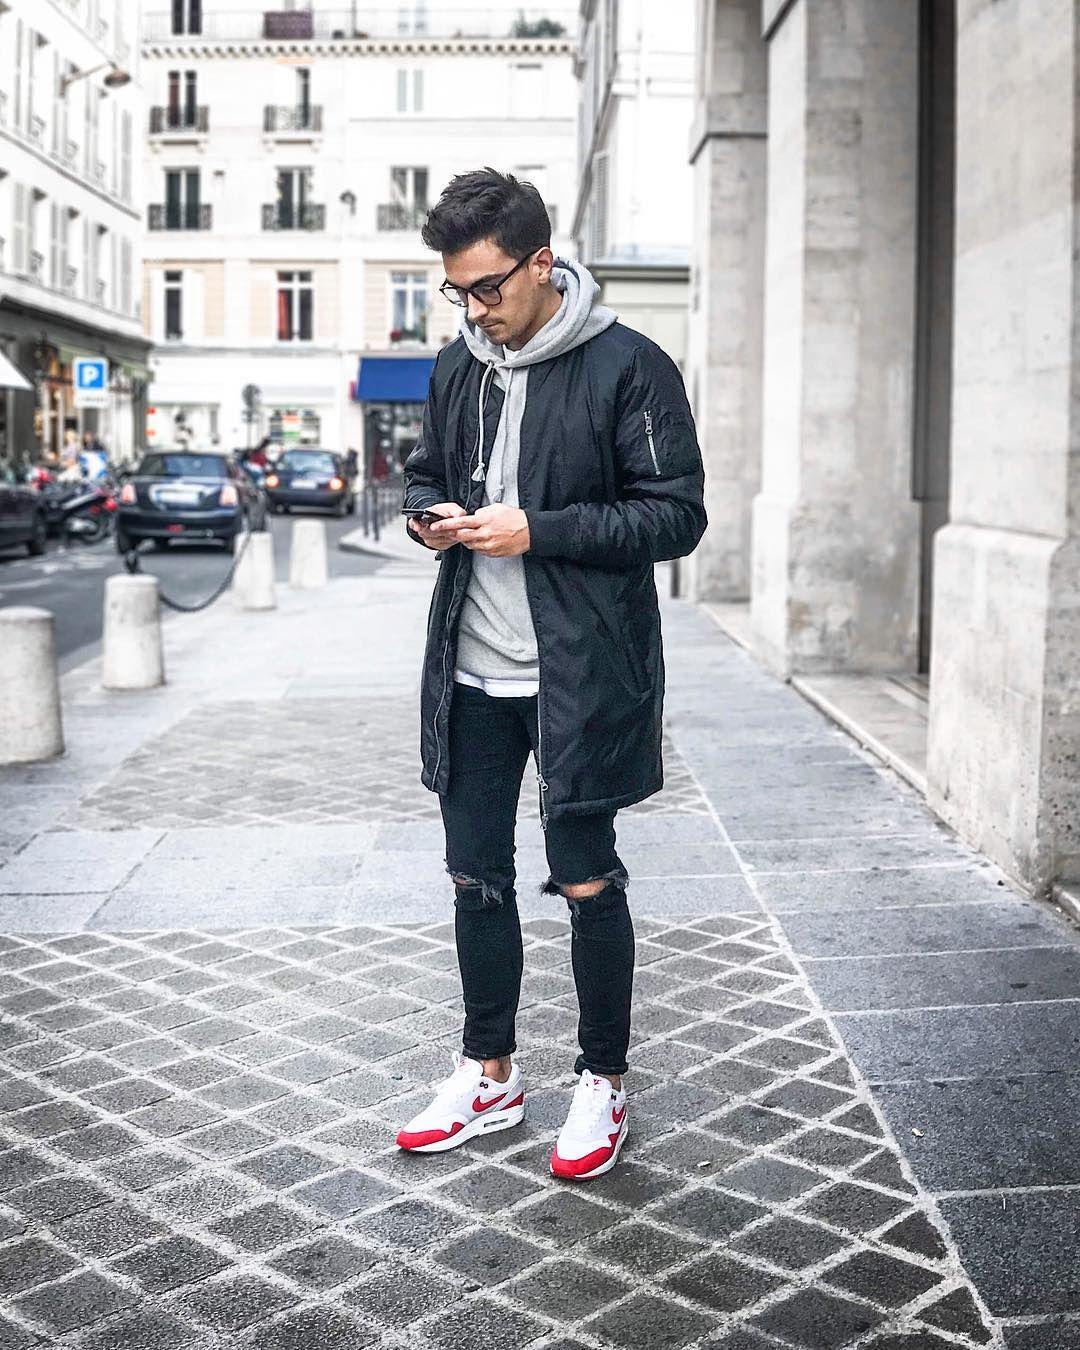 ootd #ootdmen #streetstyle #stylemen #look #style #fashion